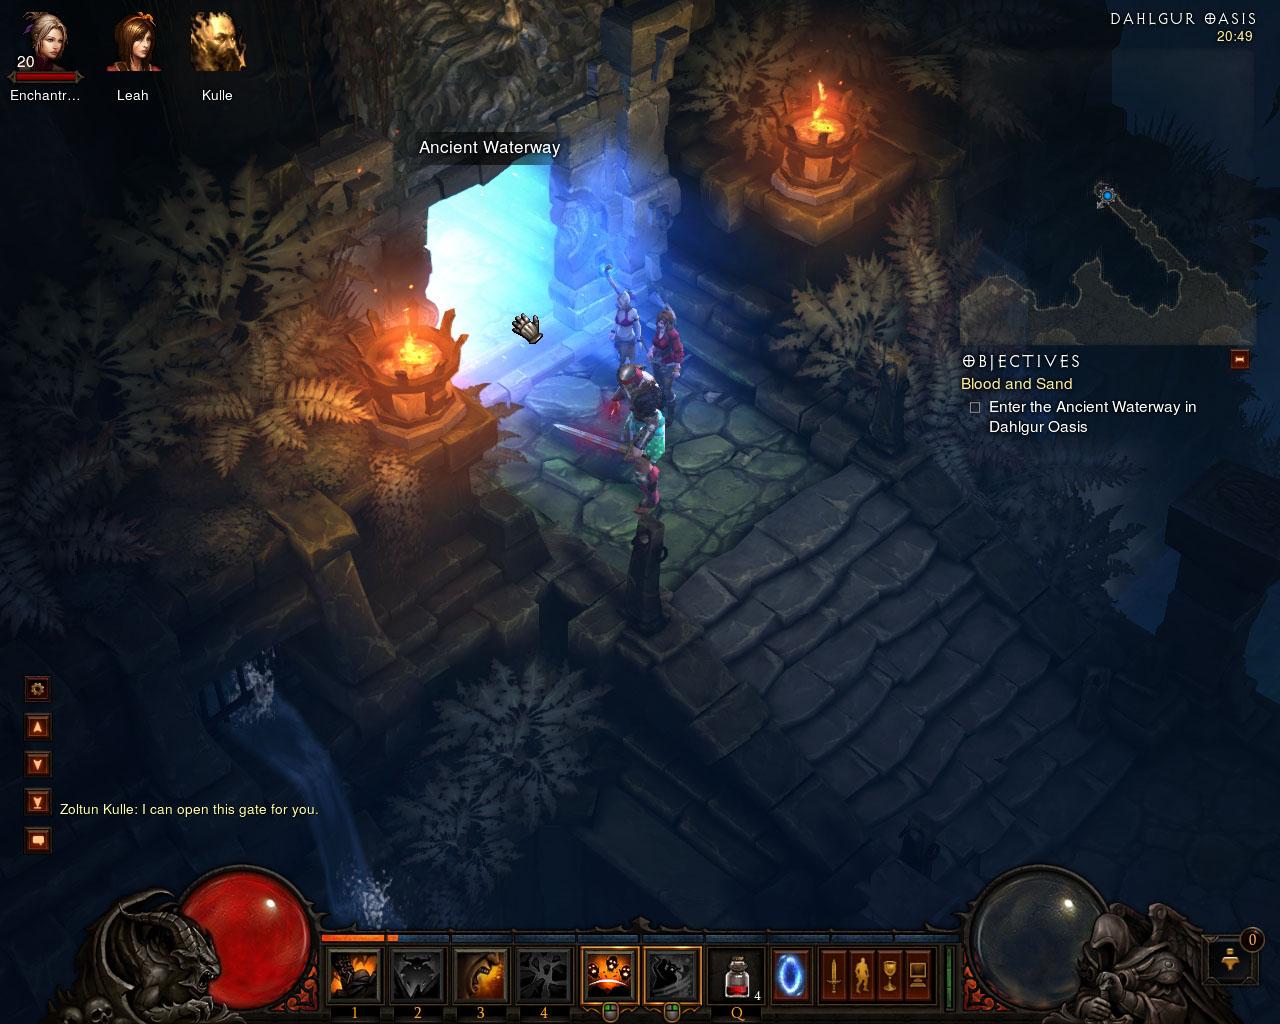 Zauberin - Spielguide - Diablo III